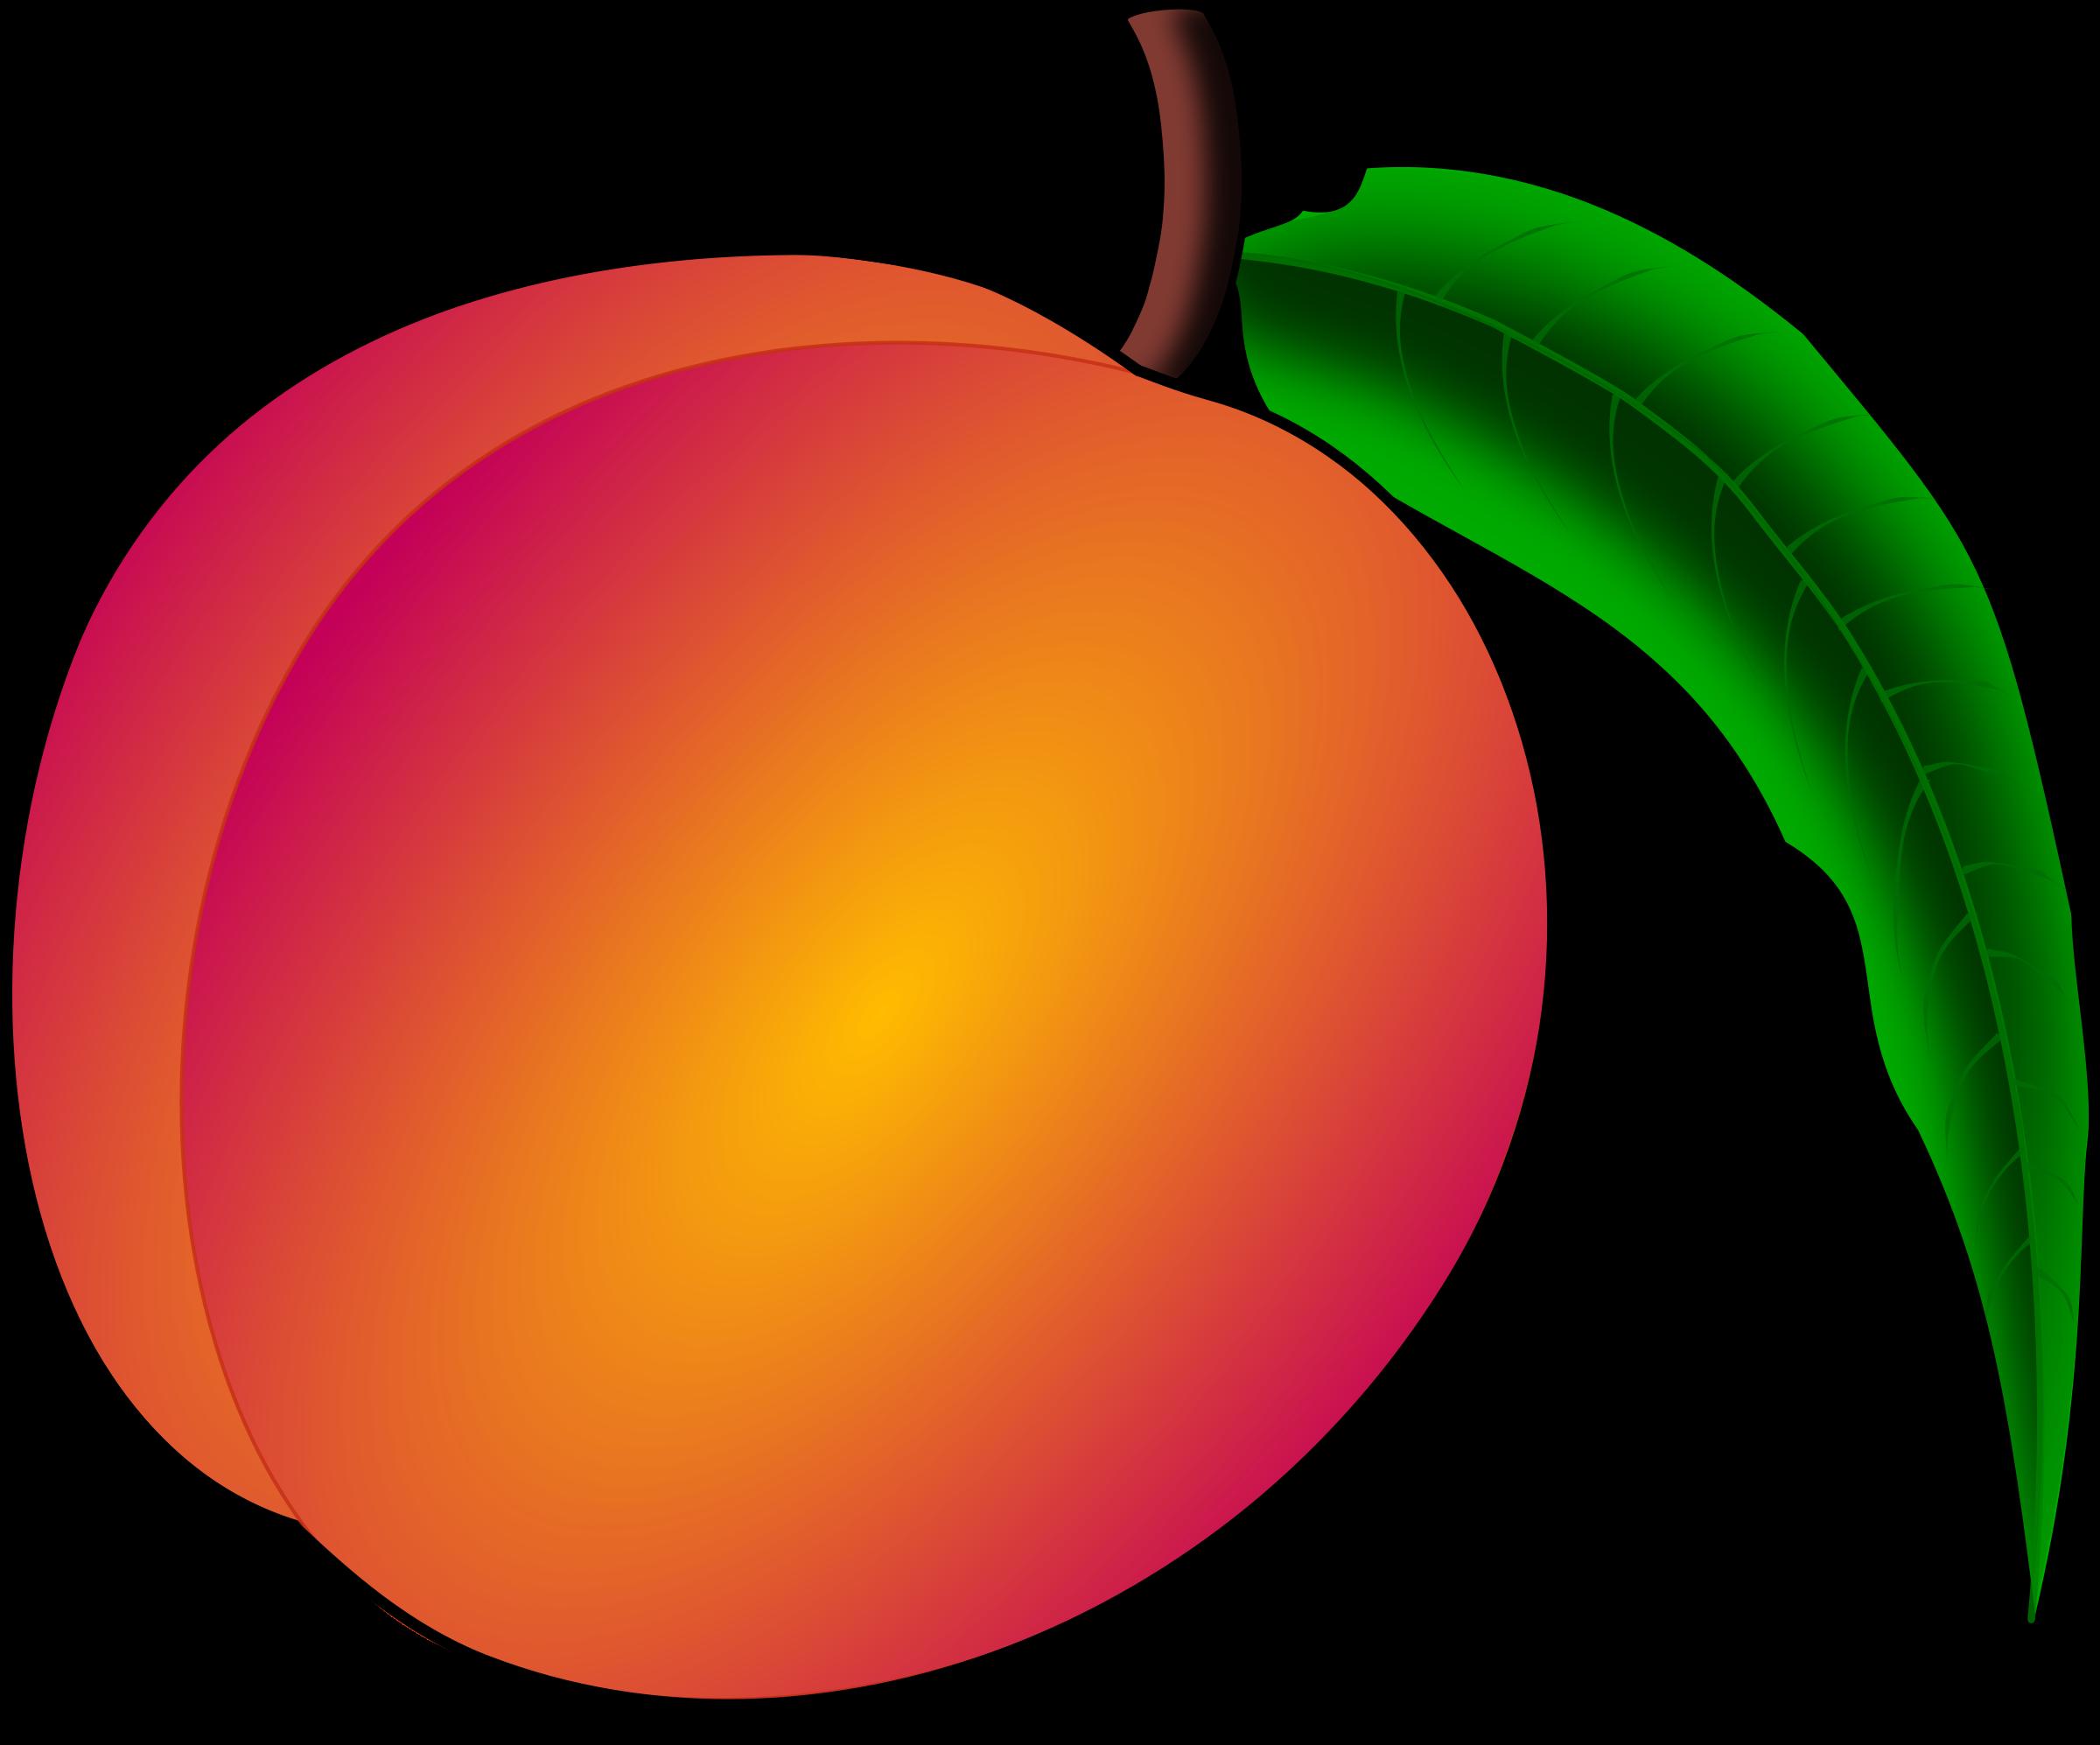 Circle clipart peach. Clip art free panda